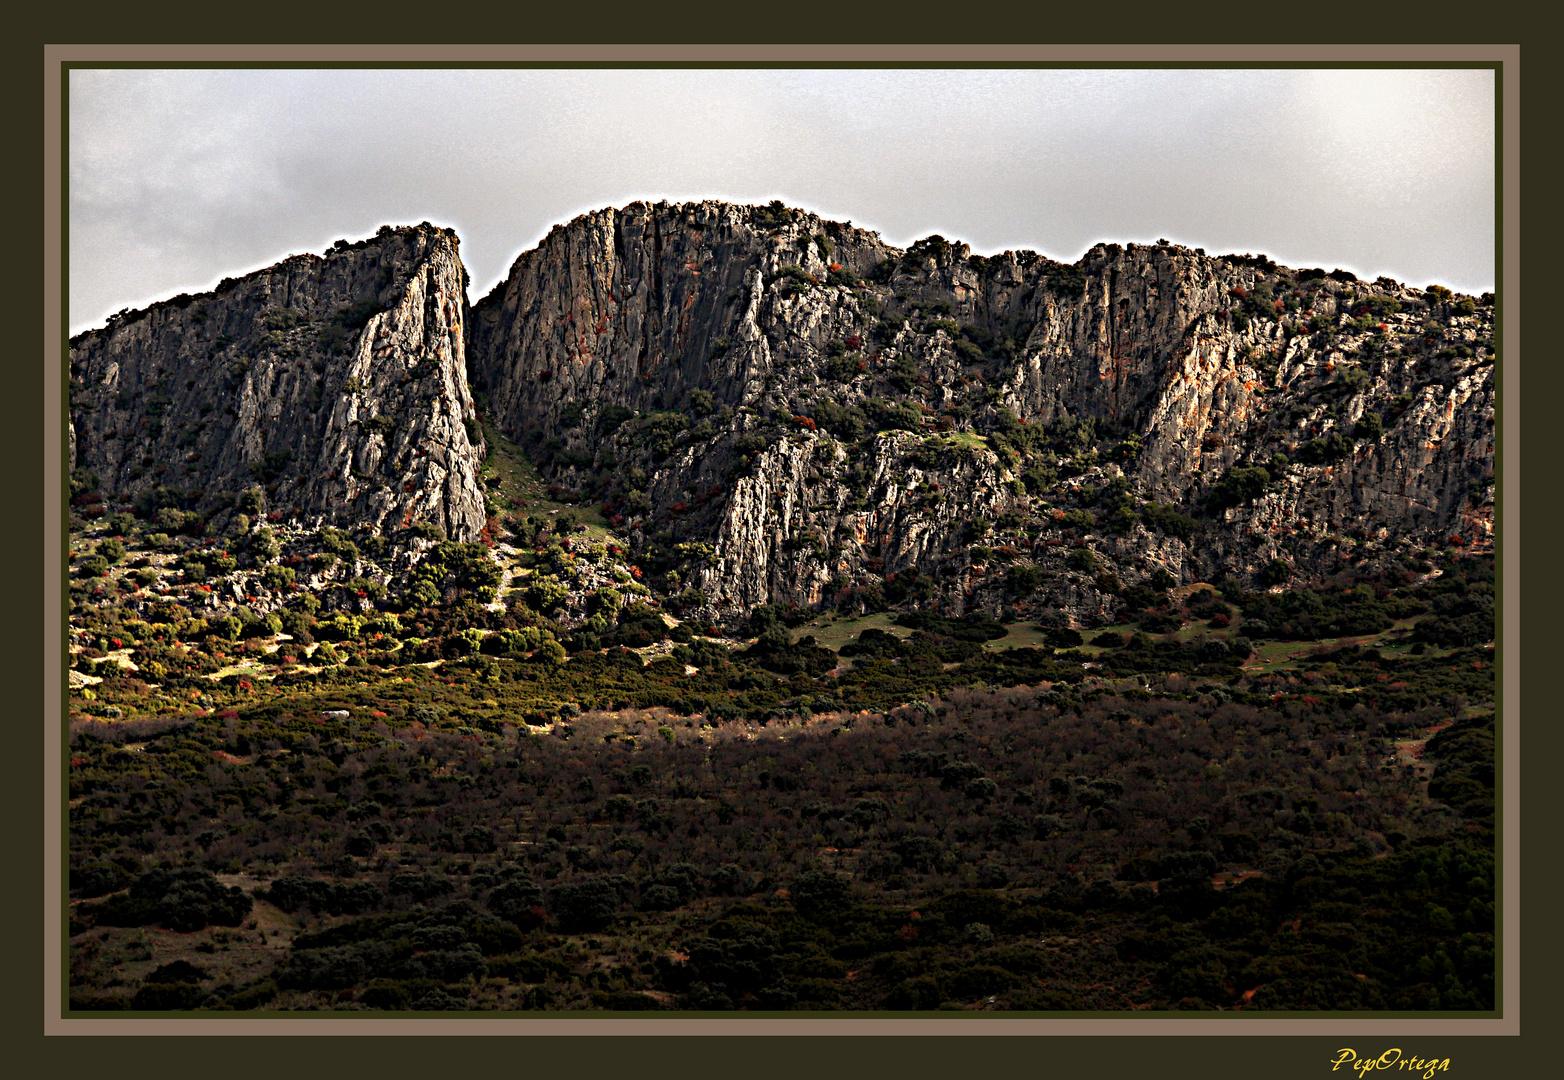 Sierra del Castillo